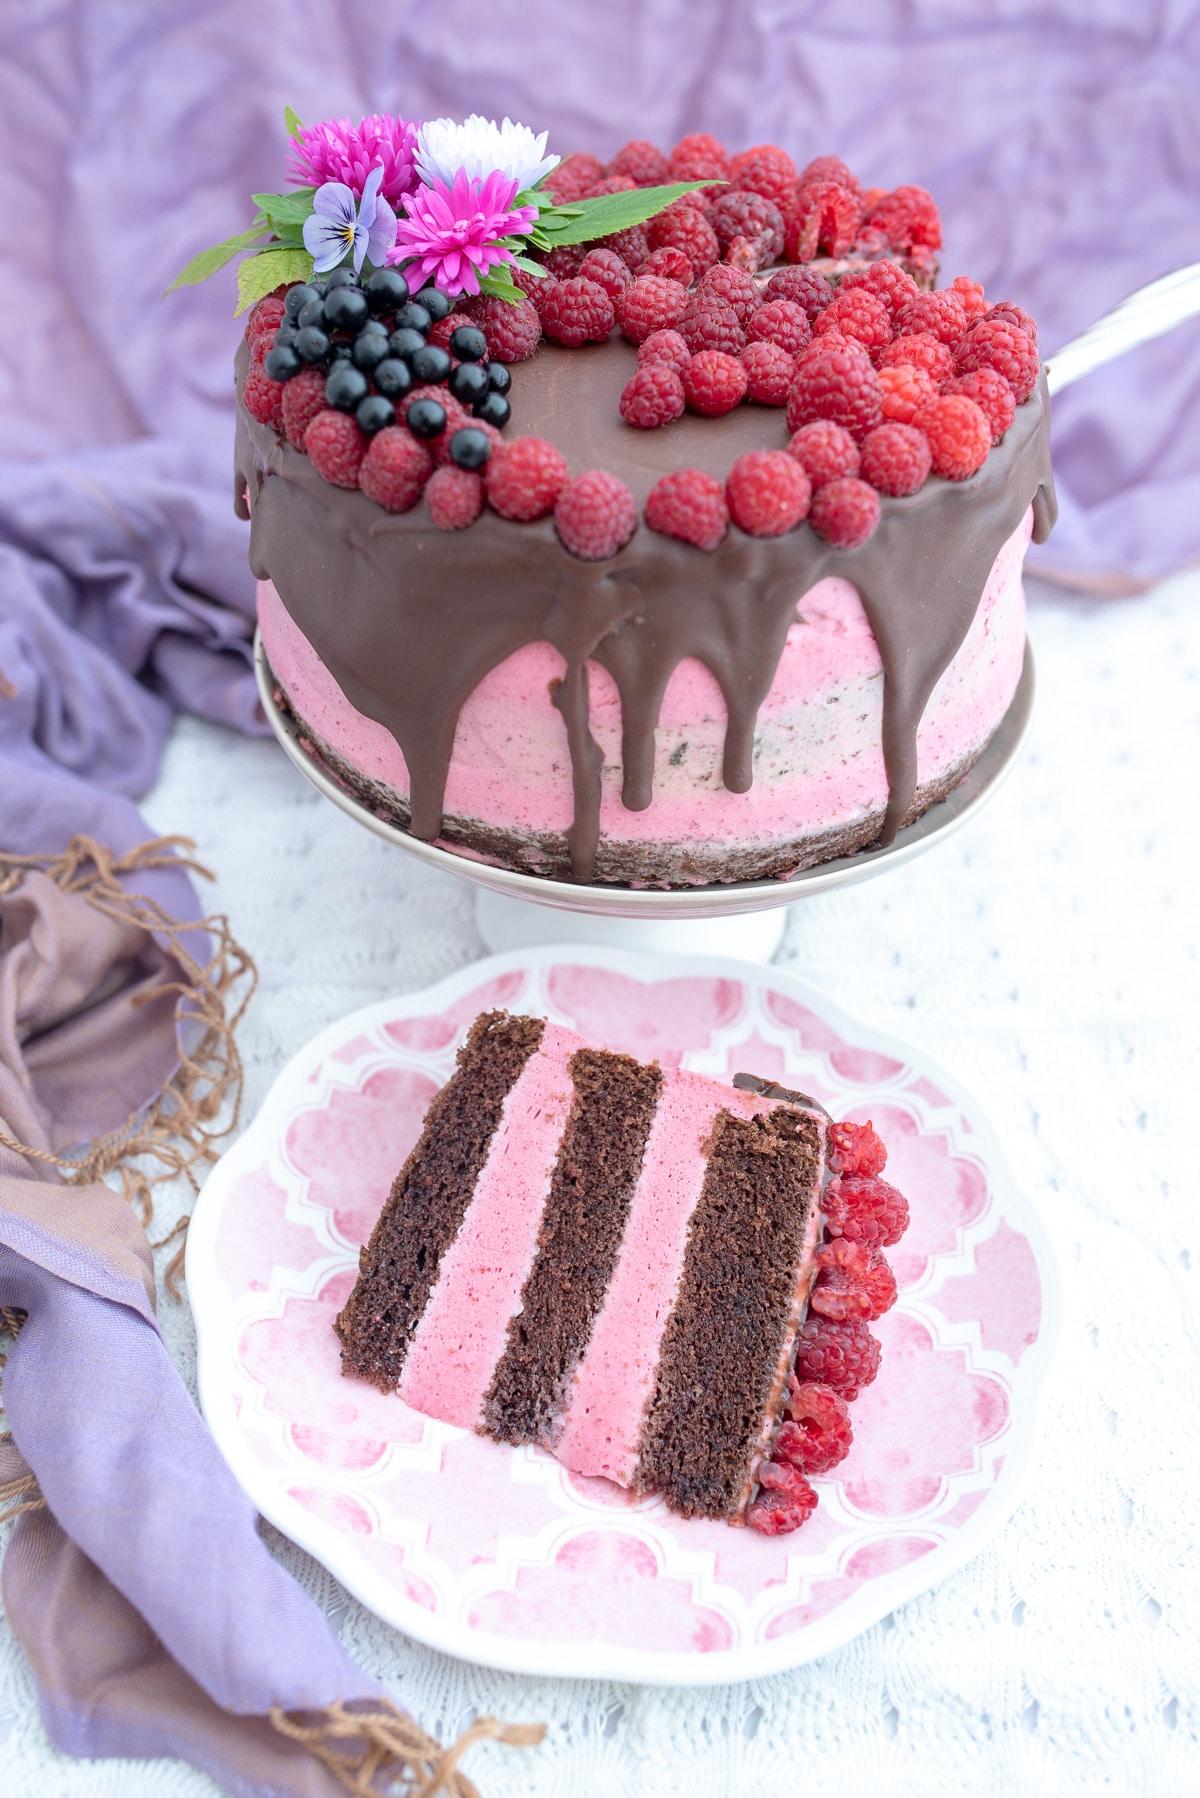 Kawałek tortu z czekoladowym biszkoptem przełożony musem malinowym